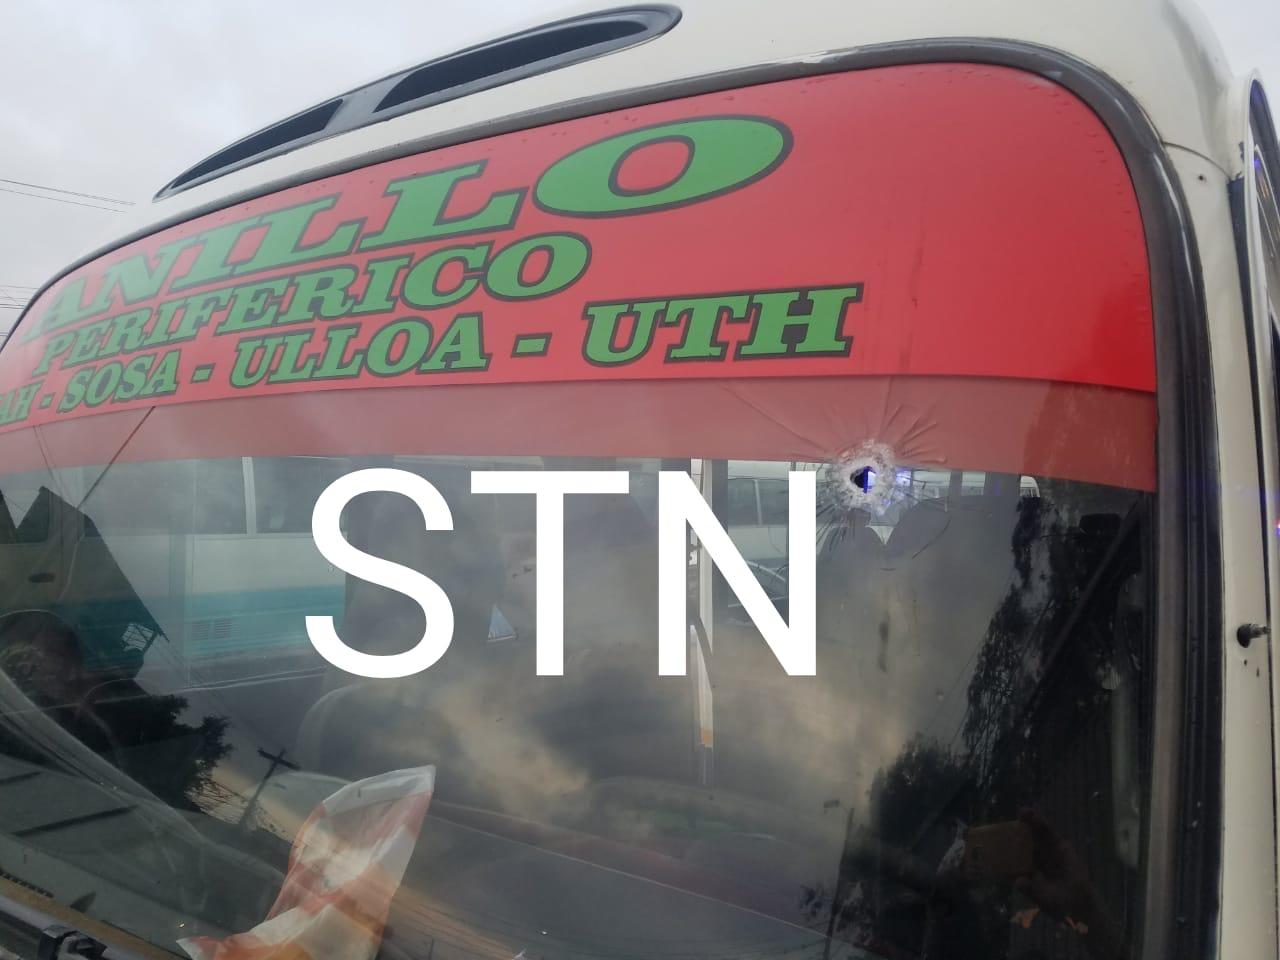 ¡Lamentable! muere conductor de bus rapidito tras sufrir atentado criminal en la capital.